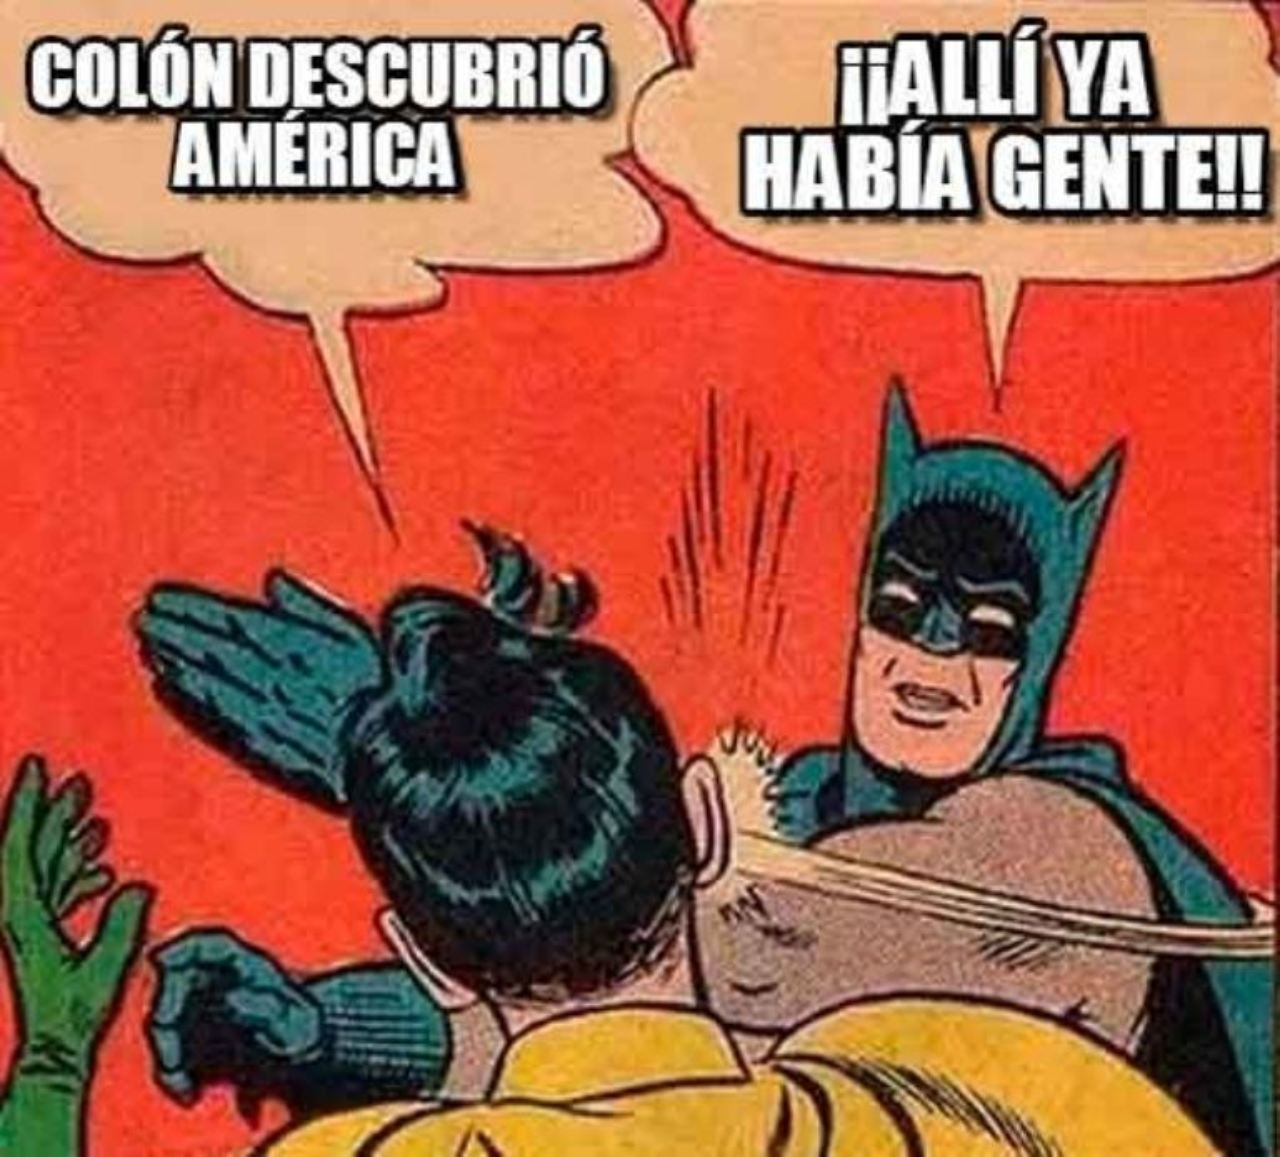 meme cristobal colon descubriendo america gente